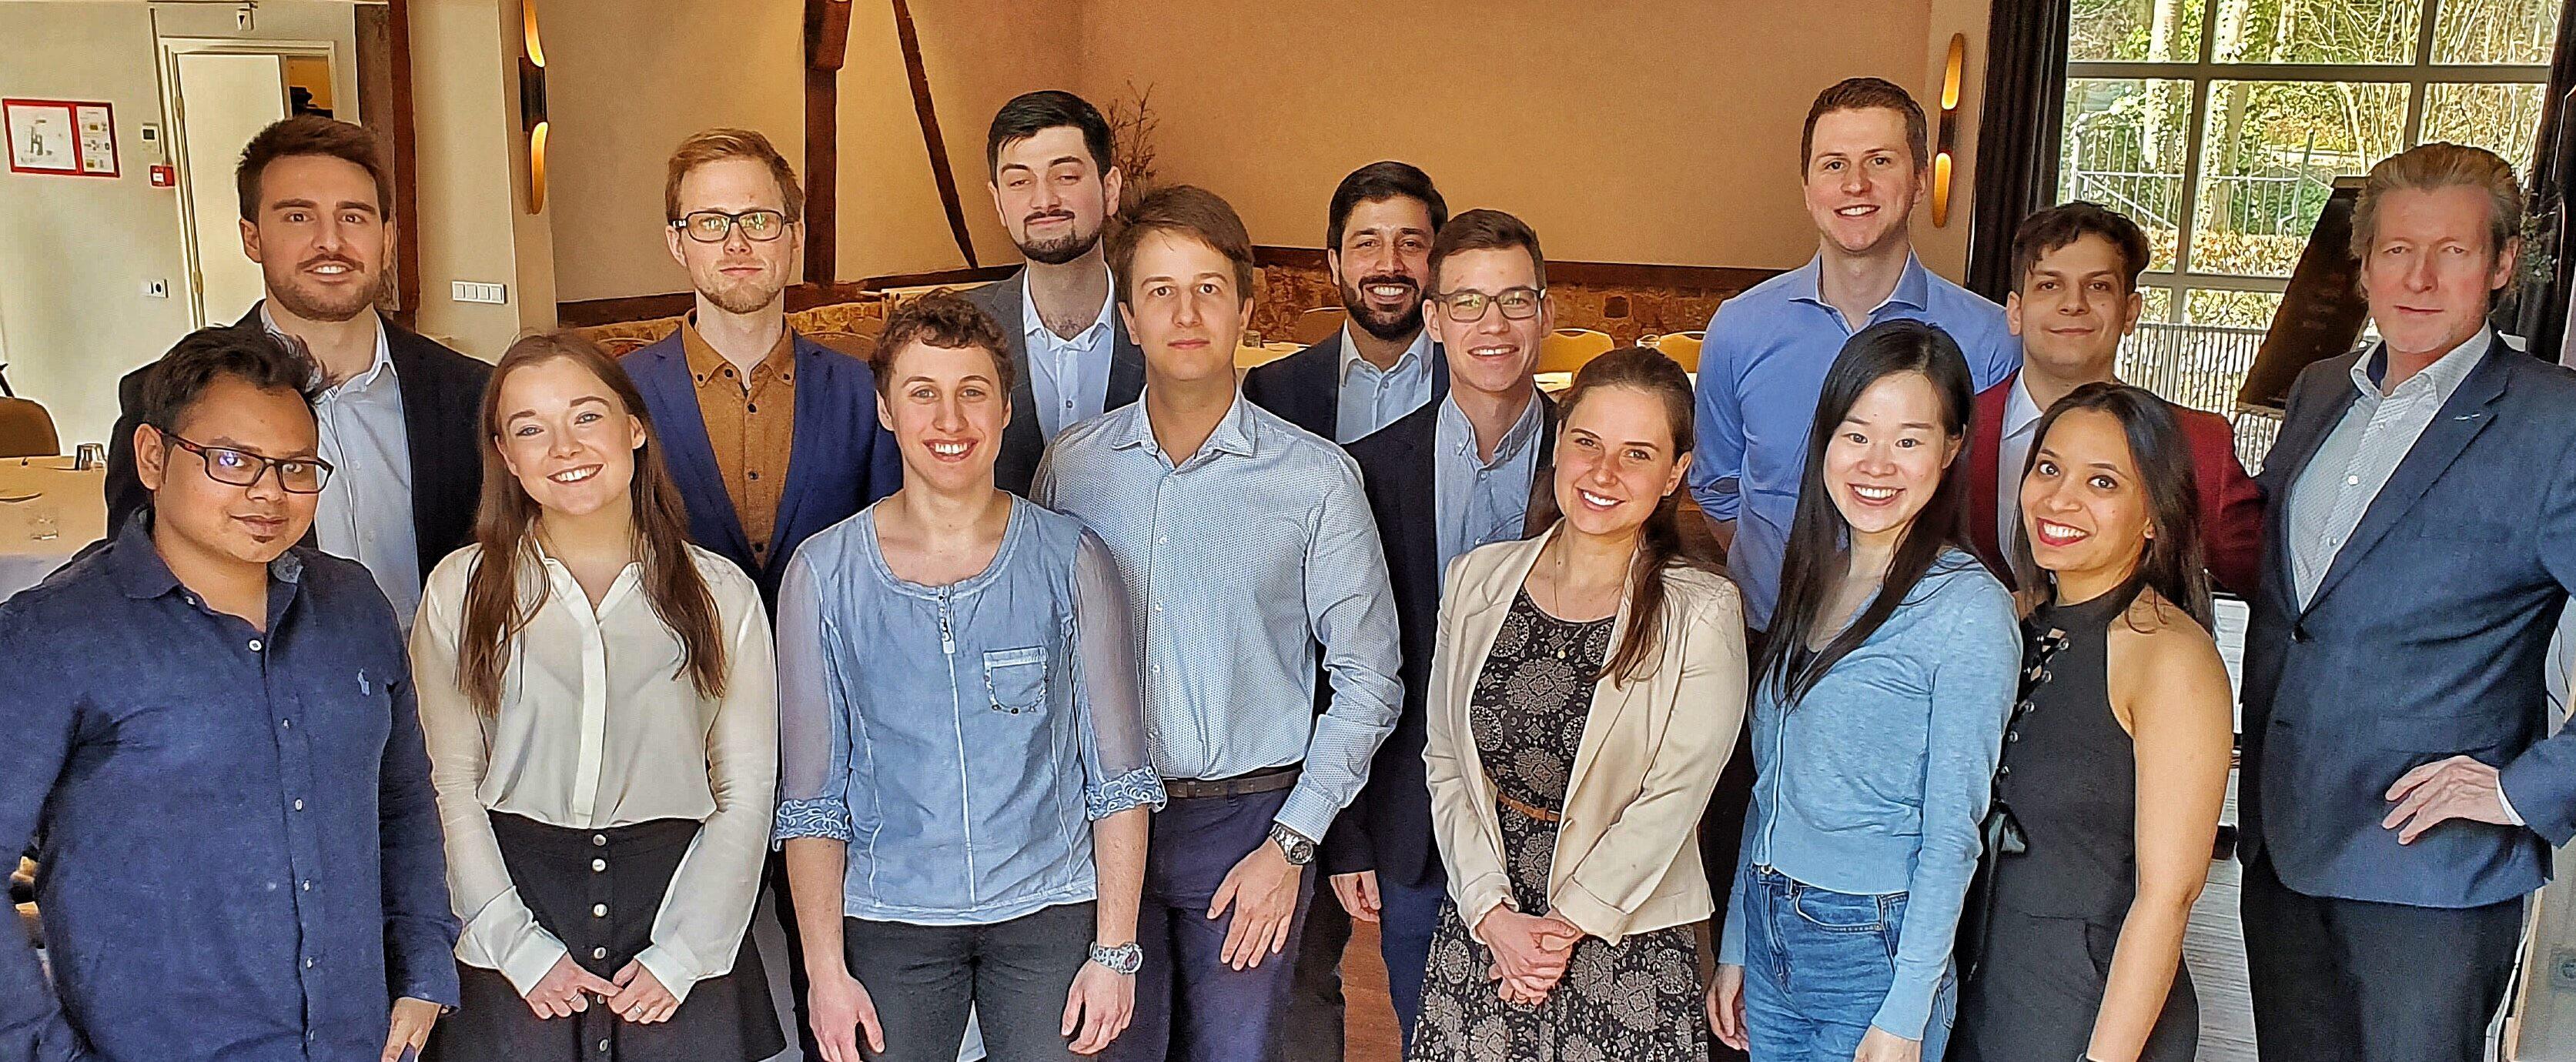 De PhD onderzoekers na hun videoregistratie